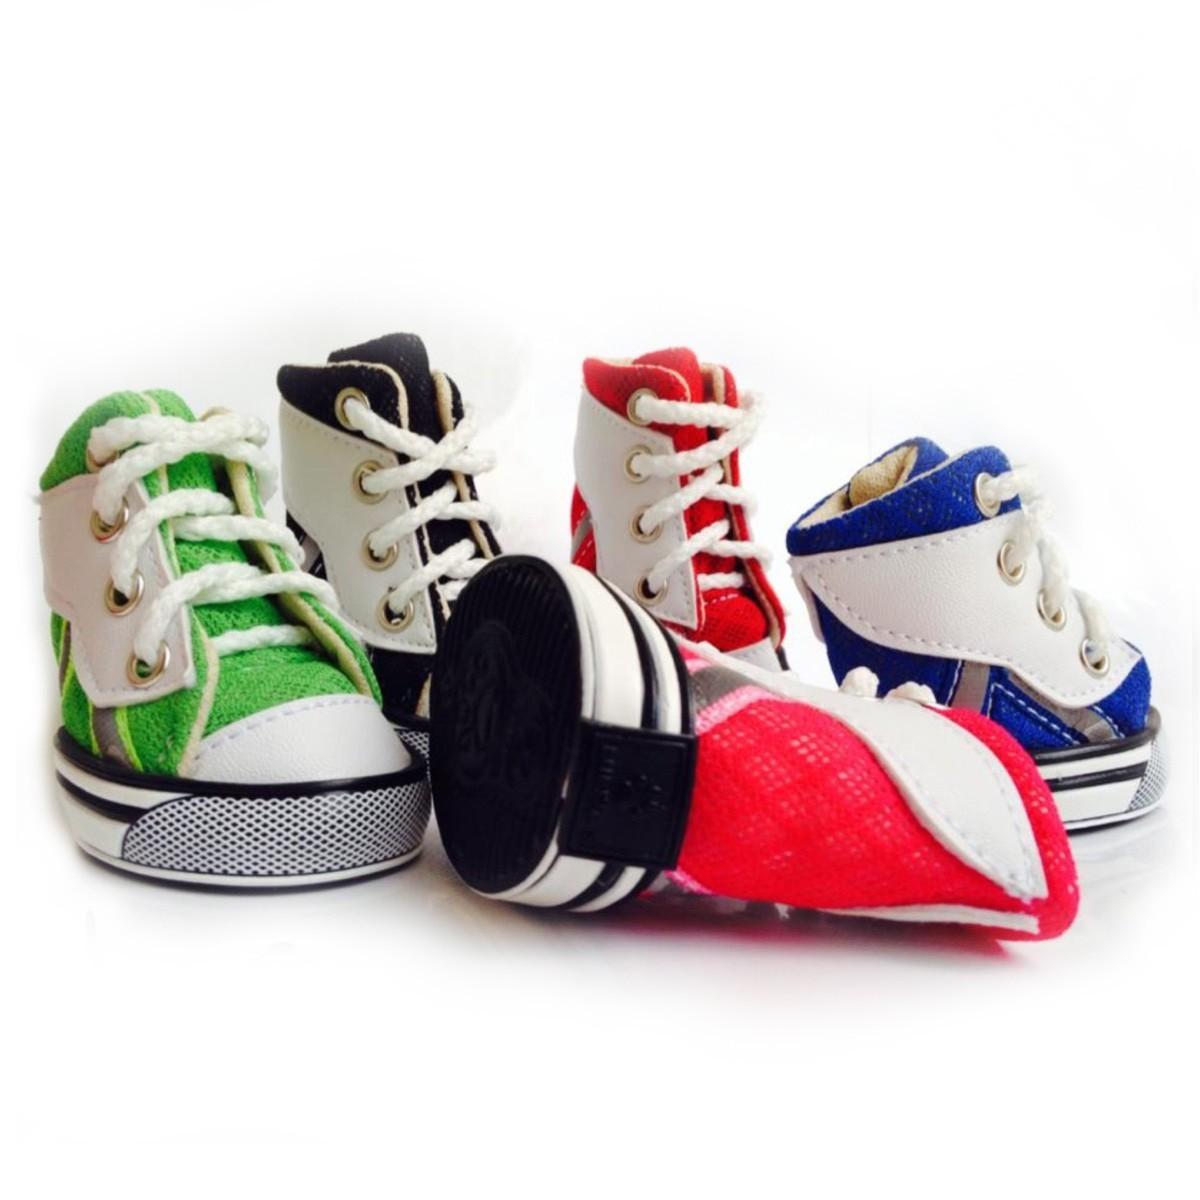 Zapatos Tenis Kpets tipo Deportivo en Malla para Perro Calzado Mascota b6e5fbb4fa193